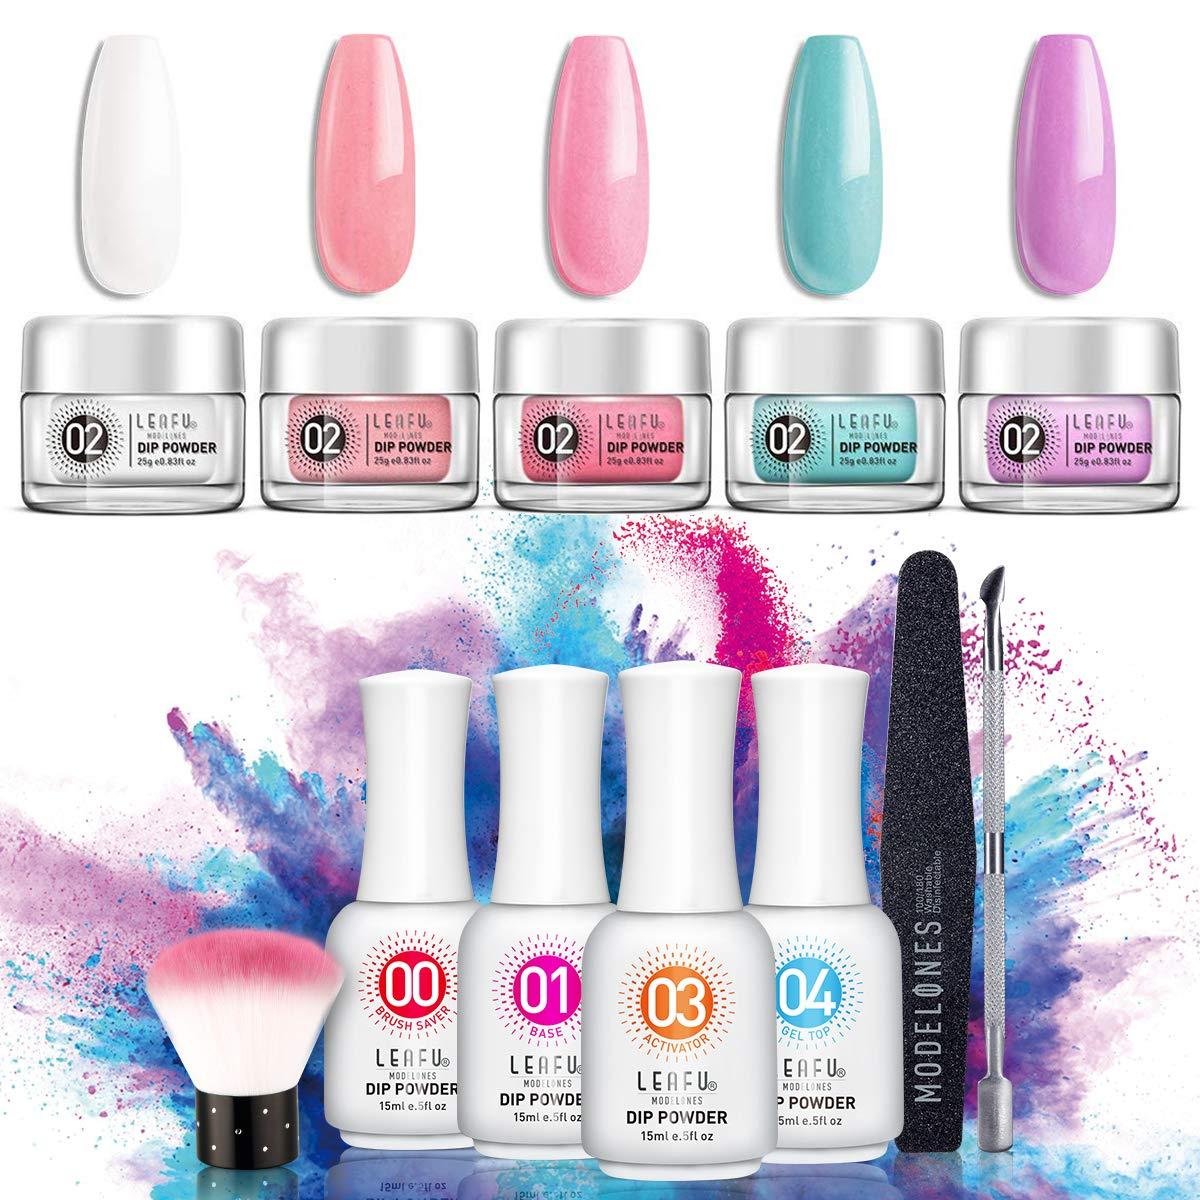 Dipping Powder Nail Starter Kit 5 Colors Dip Powder Easy Dip powder kit Nail Dipping Powder French Nail Manicure Nail art set No UV/LED by modelones